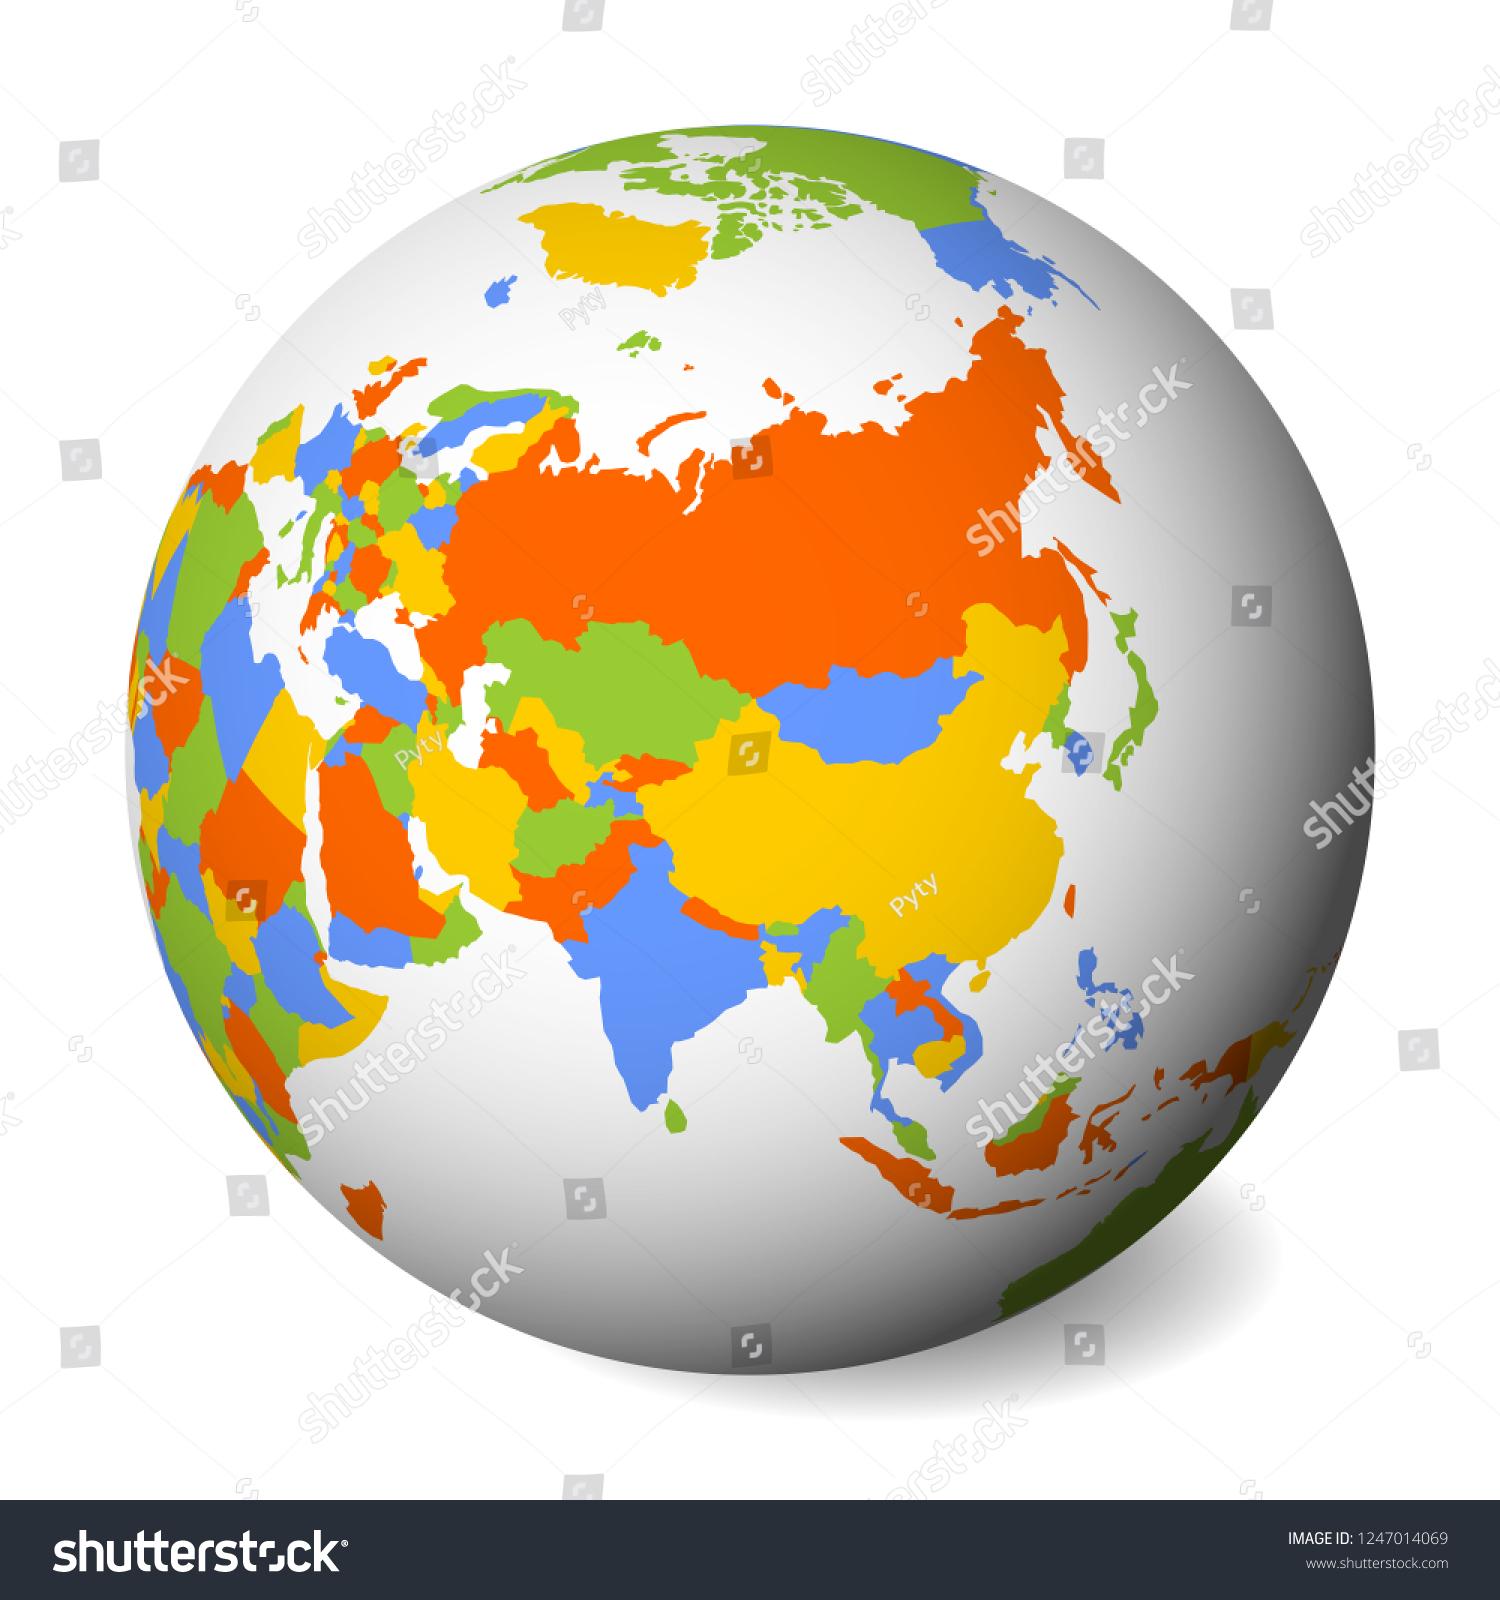 Picture of: Vector De Stock Libre De Regalias Sobre Blank Political Map Asia 3d Earth1247014069